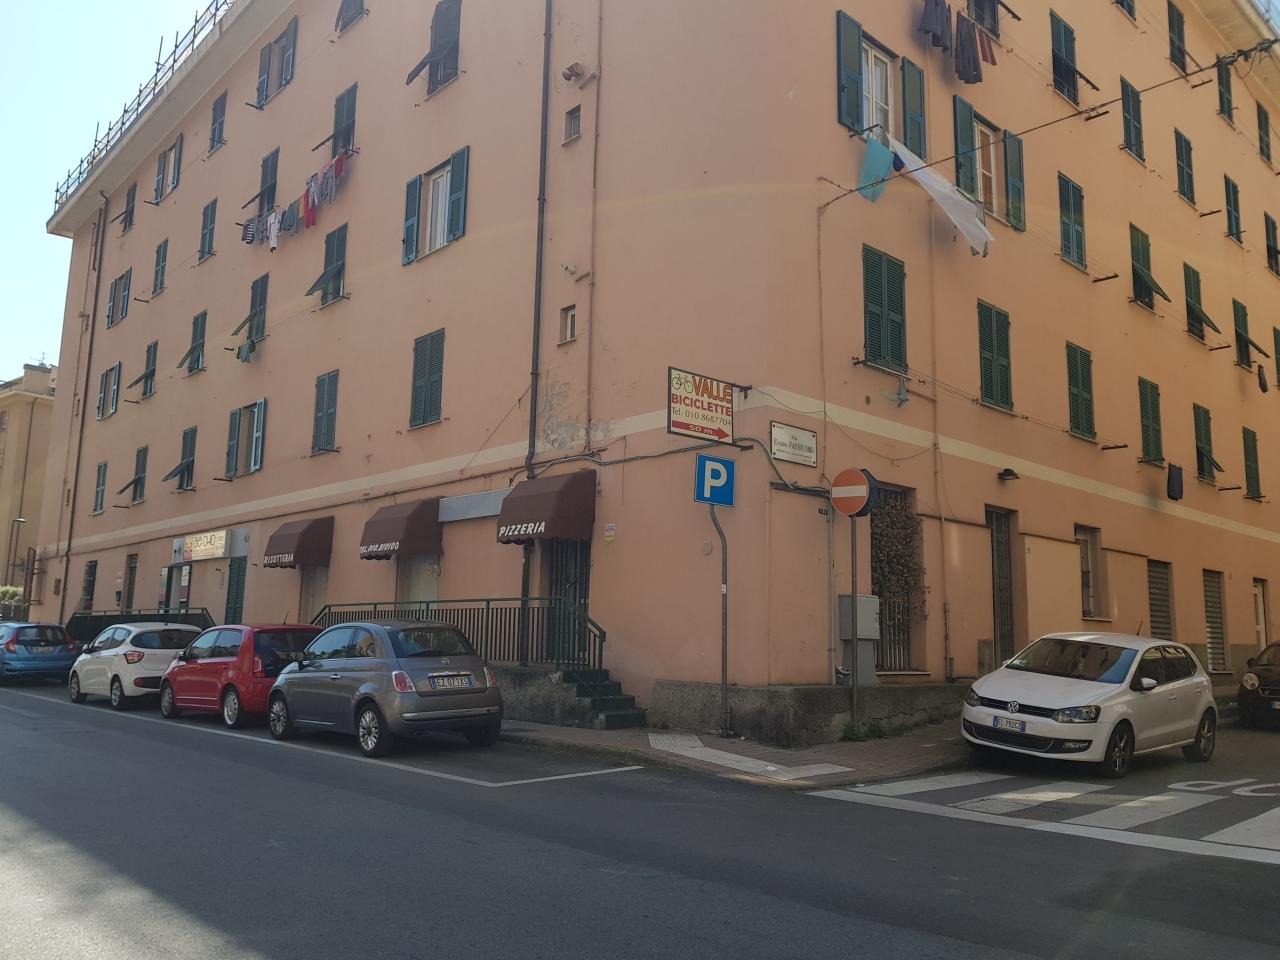 Fondo commerciale in affitto a Marassi, San Fruttuoso, Quezzi, Genova (GE)